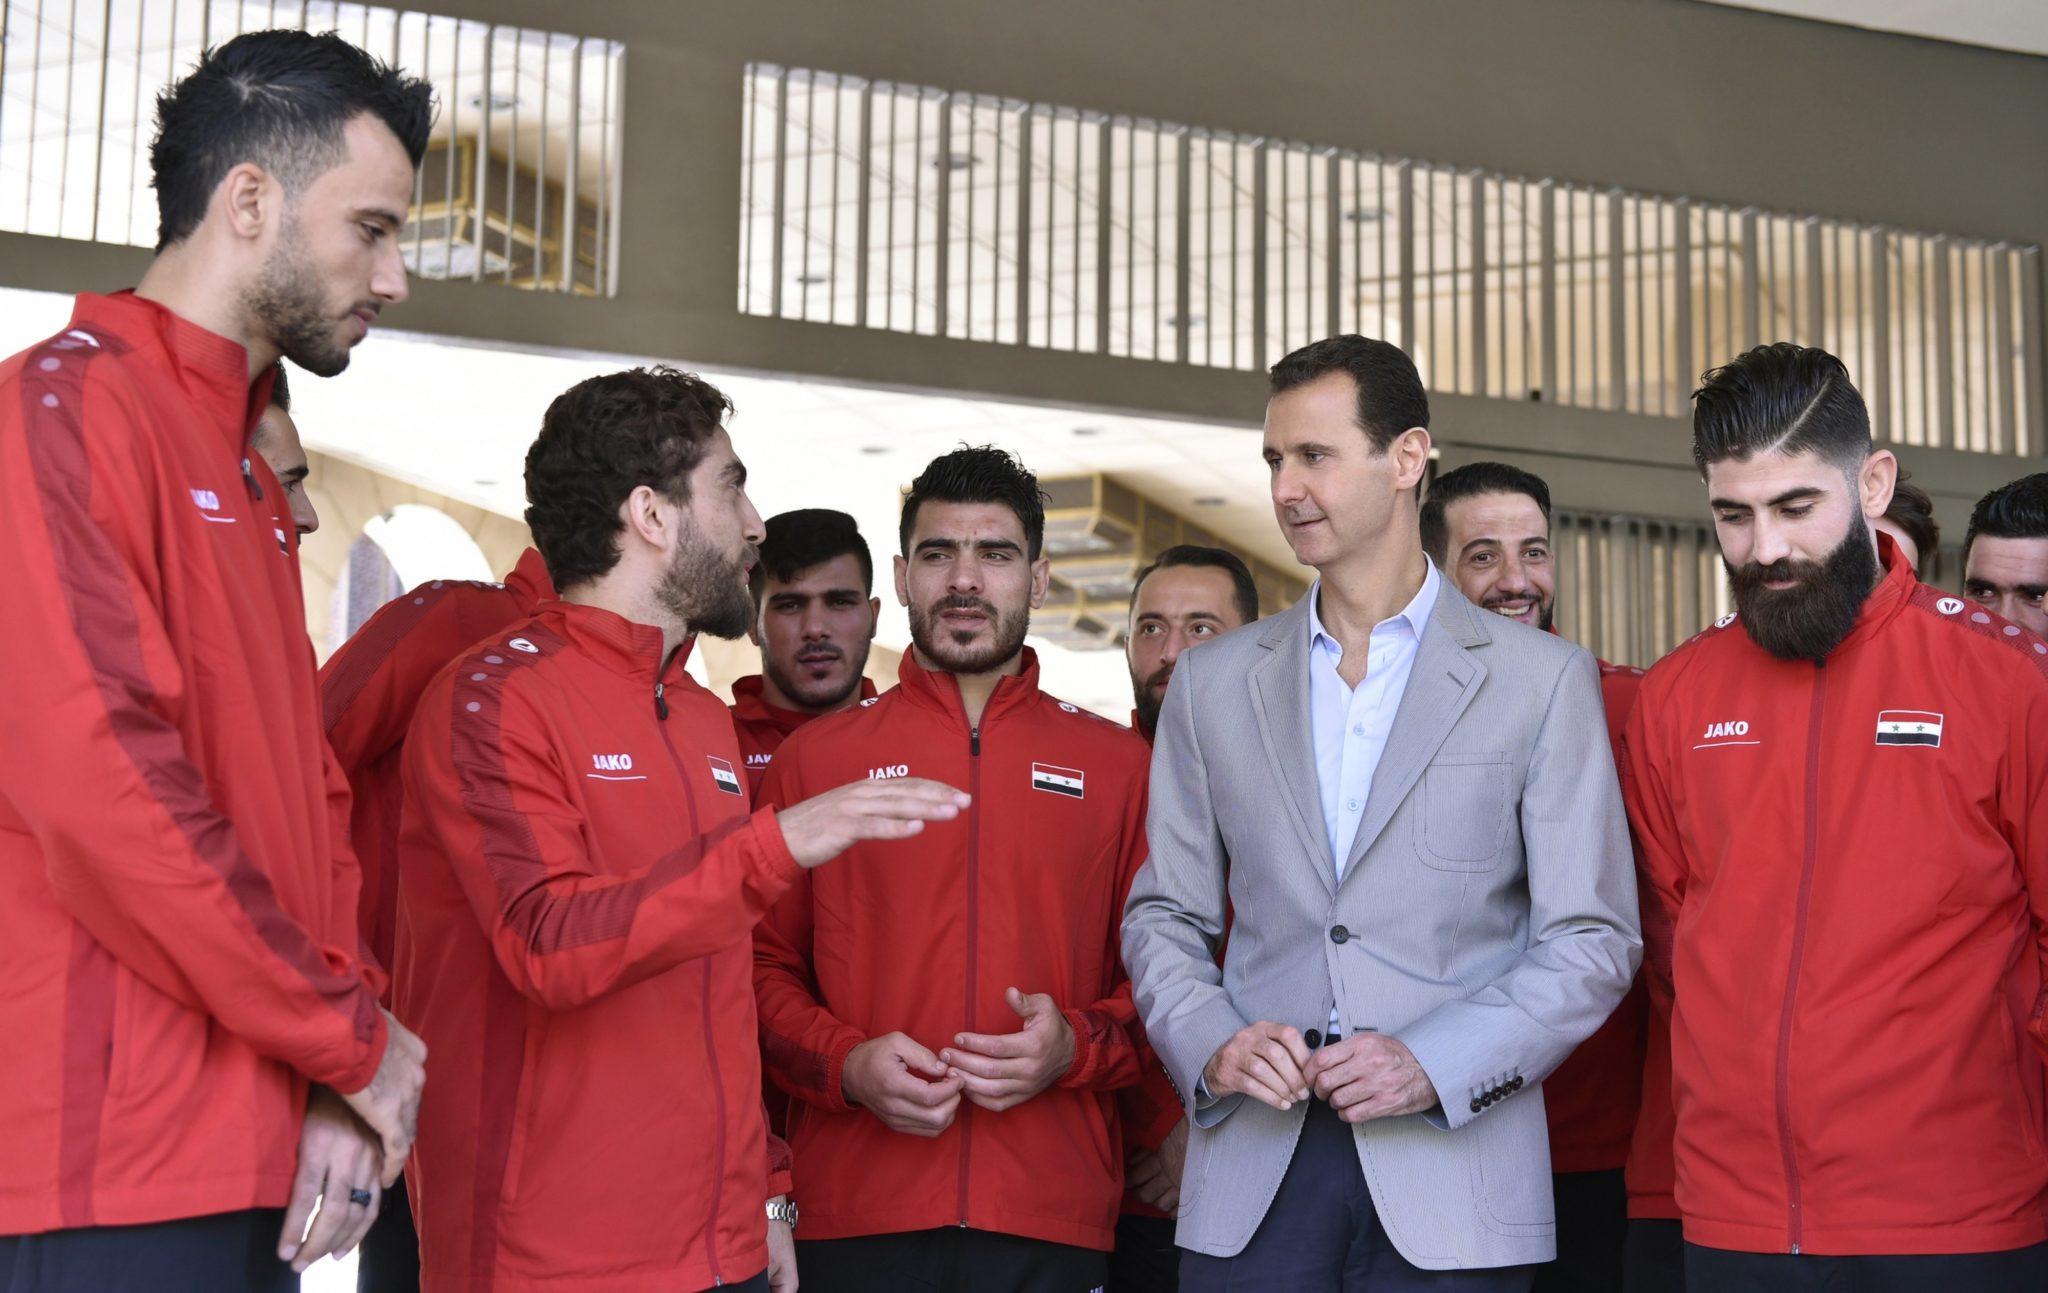 Prezydent Syrii Bashar al-Assad gratuluje narodowej drużynie dobrych wyników w kwalifikacjach do Mistrzostw Świata w Piłce Nożnej w 2018 roku, PAP/EPA